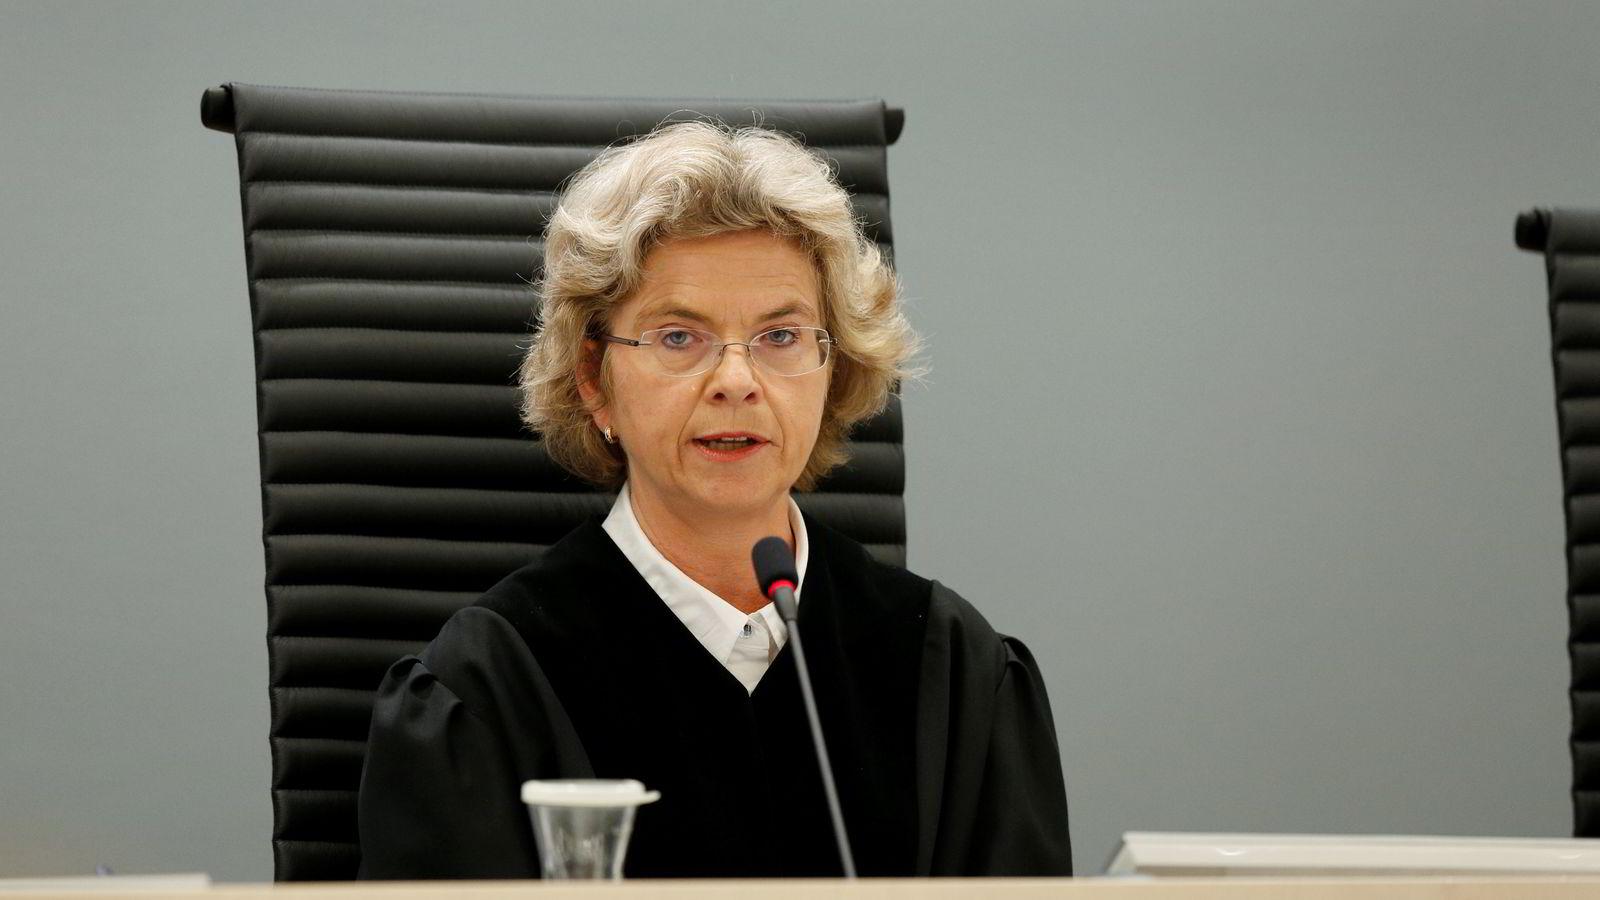 Tingrettsdommer Wenche Arntzen er blant søkerne til det ledige dommerembete i Høyesterett.